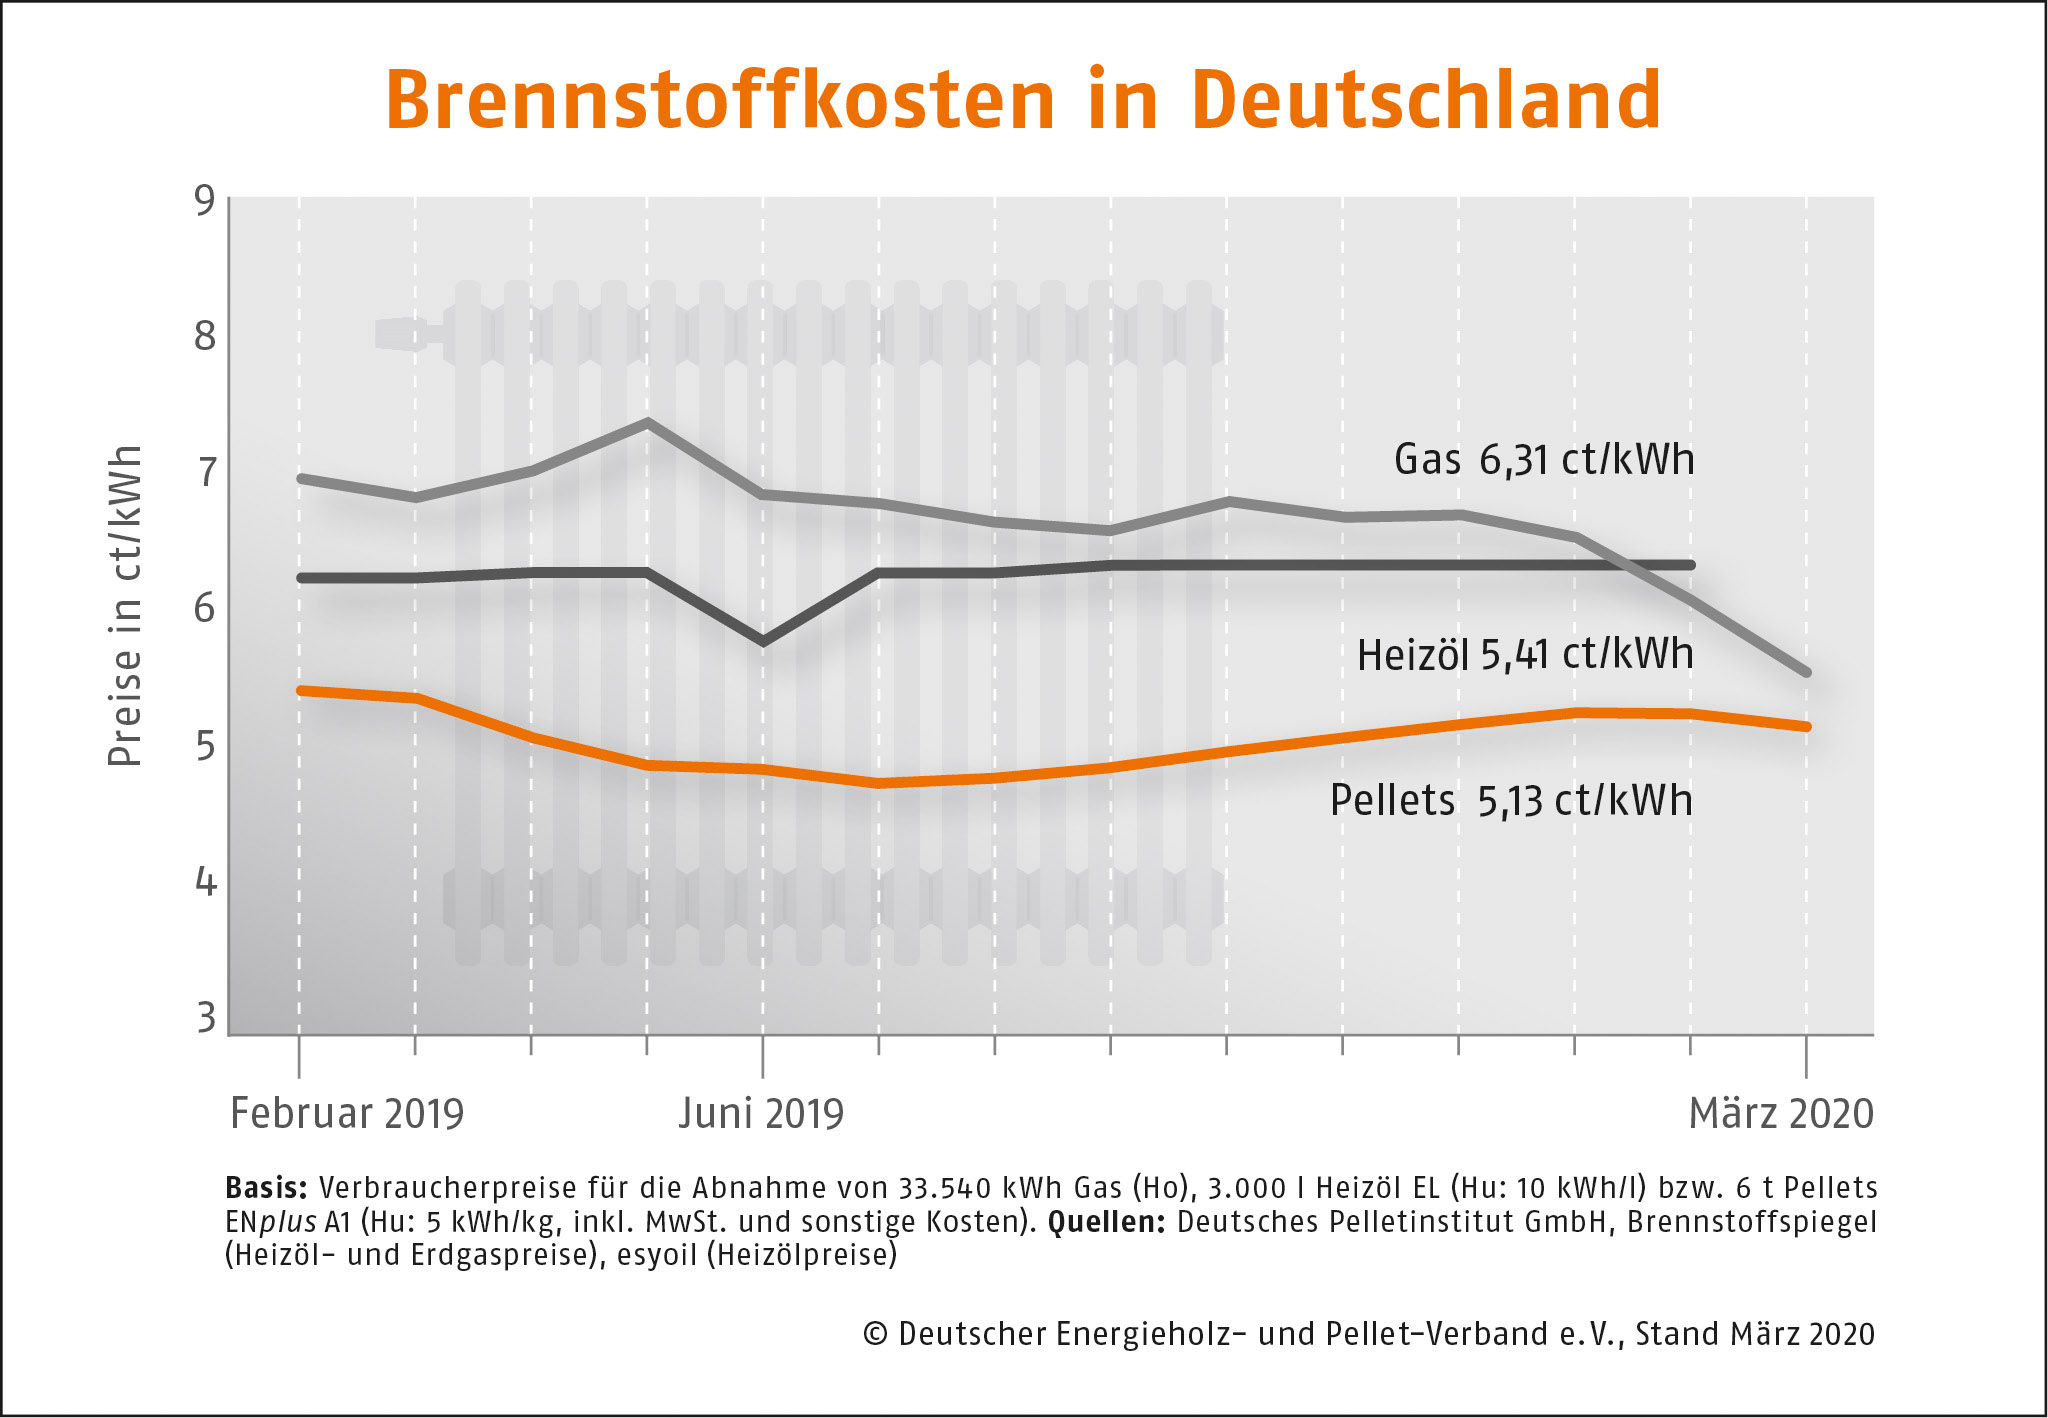 Brennstoffkosten in Deutschland DEPI Preisvergleich Maerz 2020